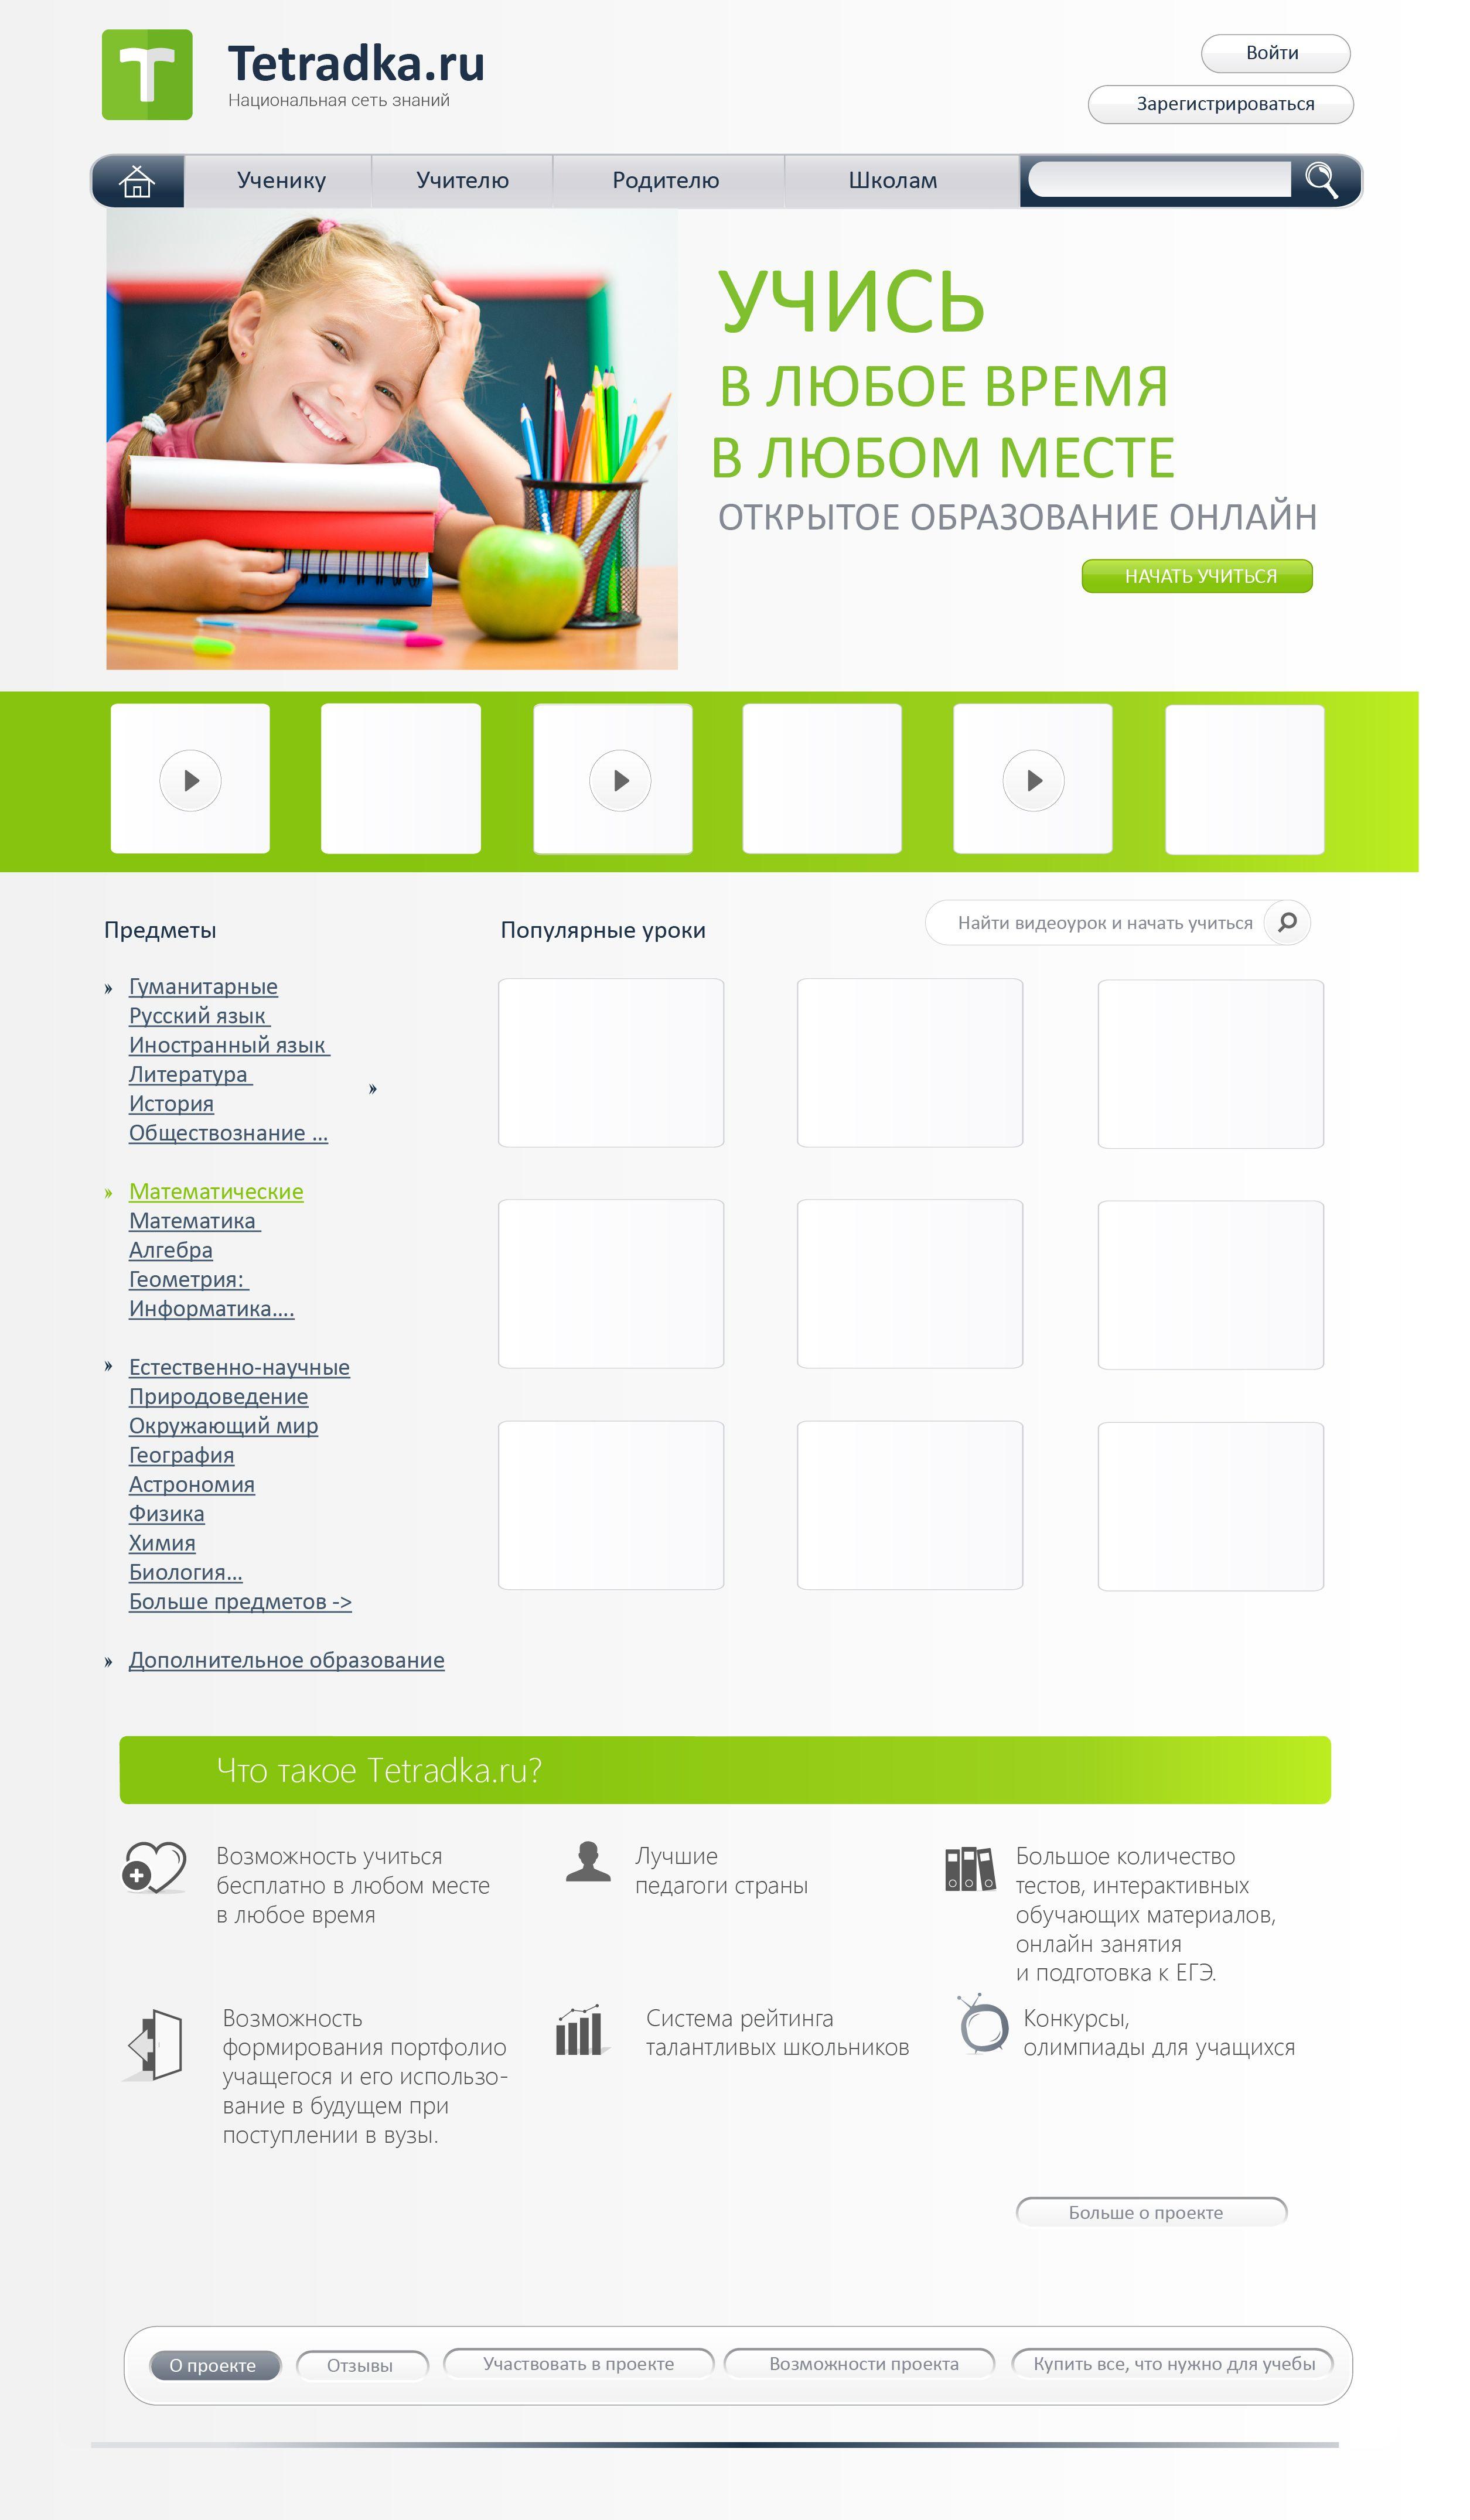 Главная страница образовательной сети tetradka.ru - дизайнер Unatse